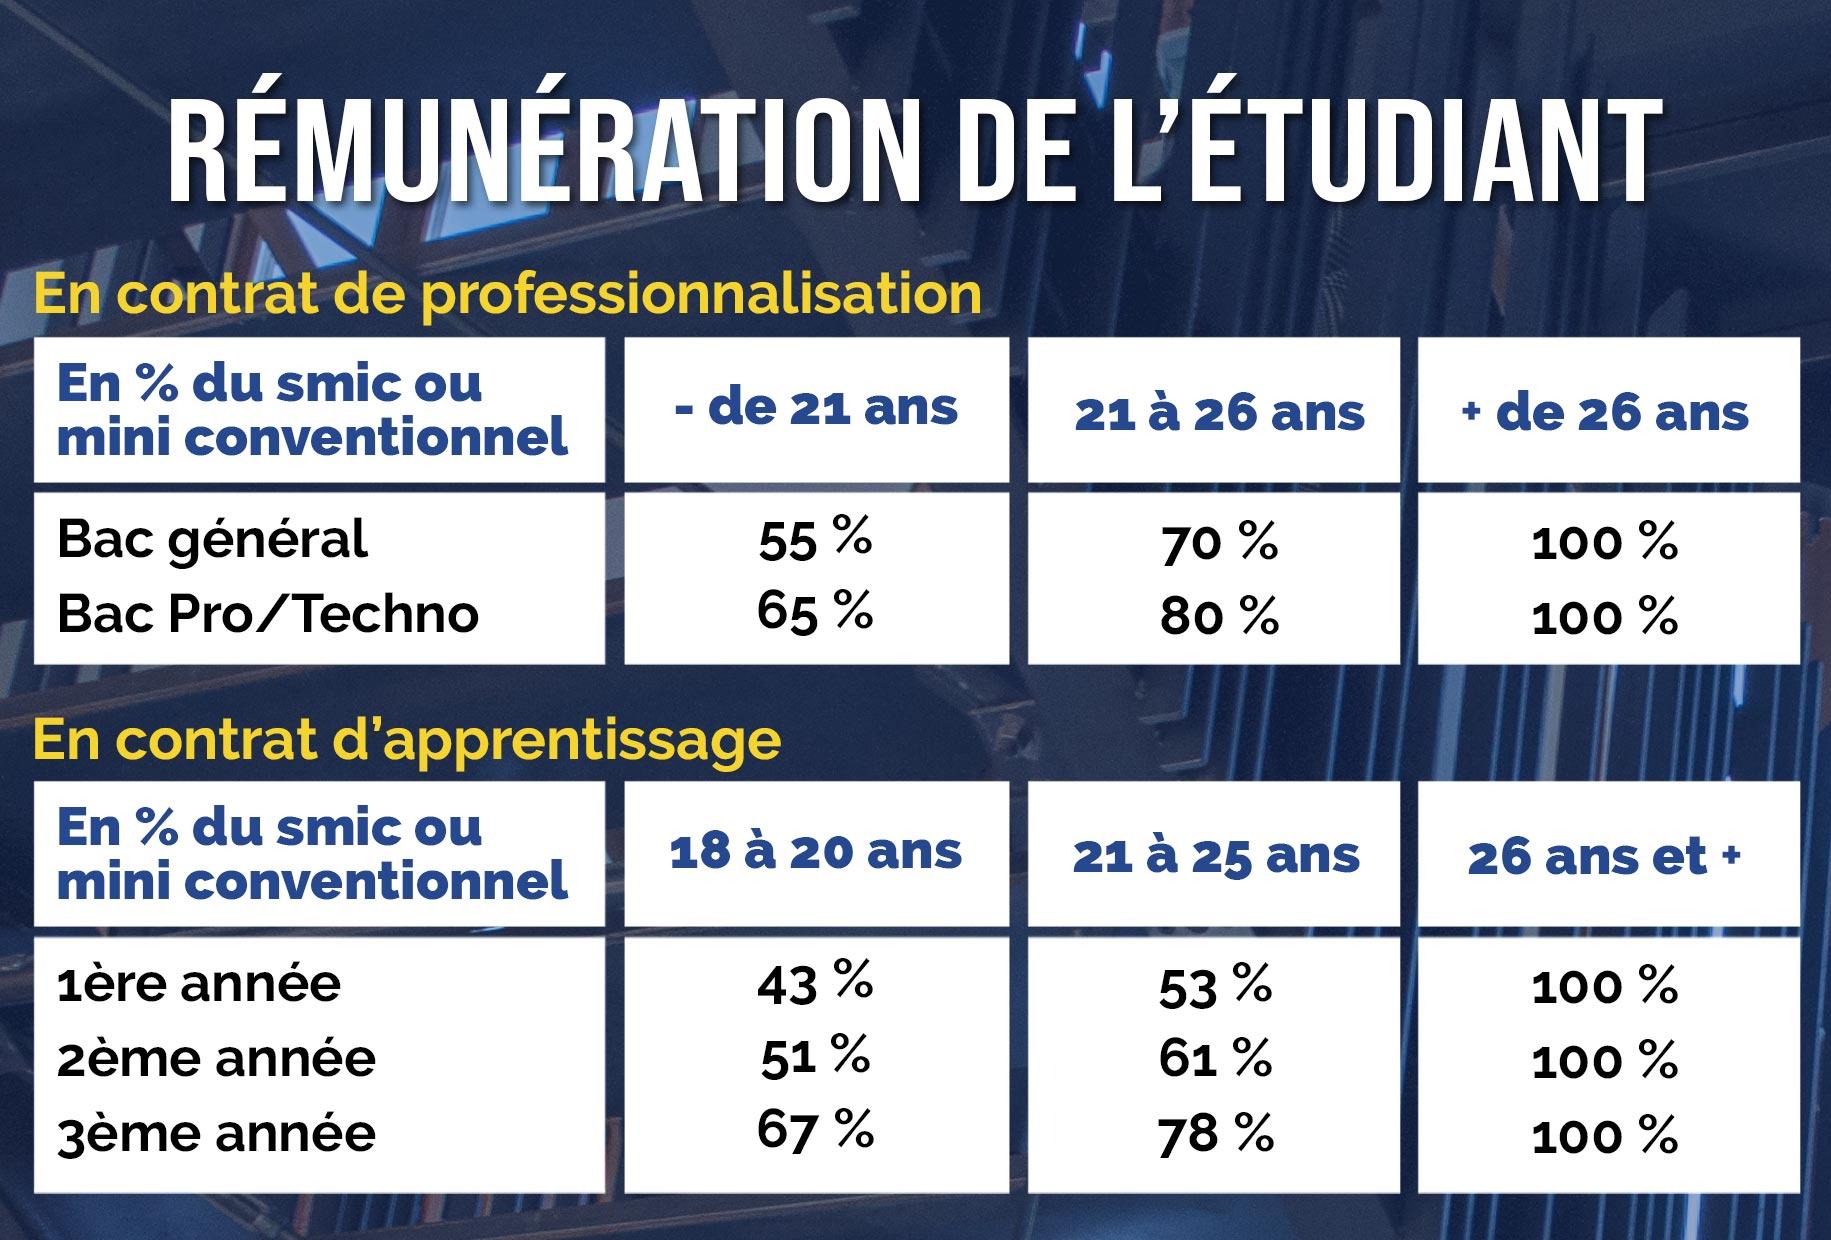 ESCC-Remuneration-Etudiant